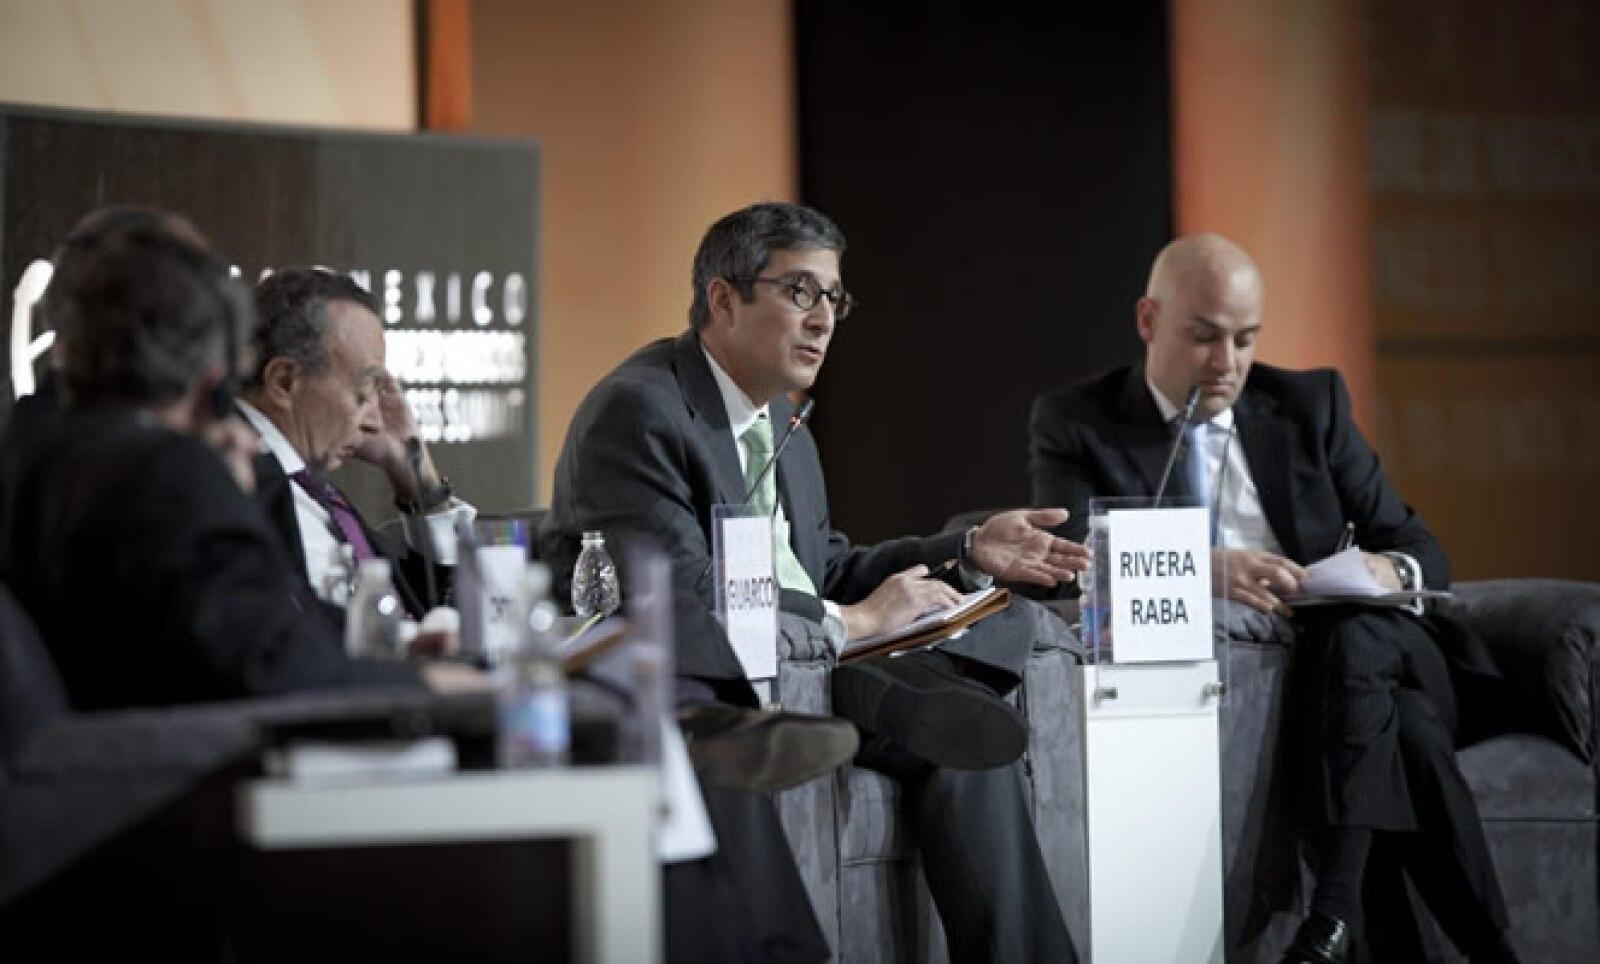 Otro de los participantes en la primera sesión fue Manuel Rivera (der) director general de Grupo Expansión.